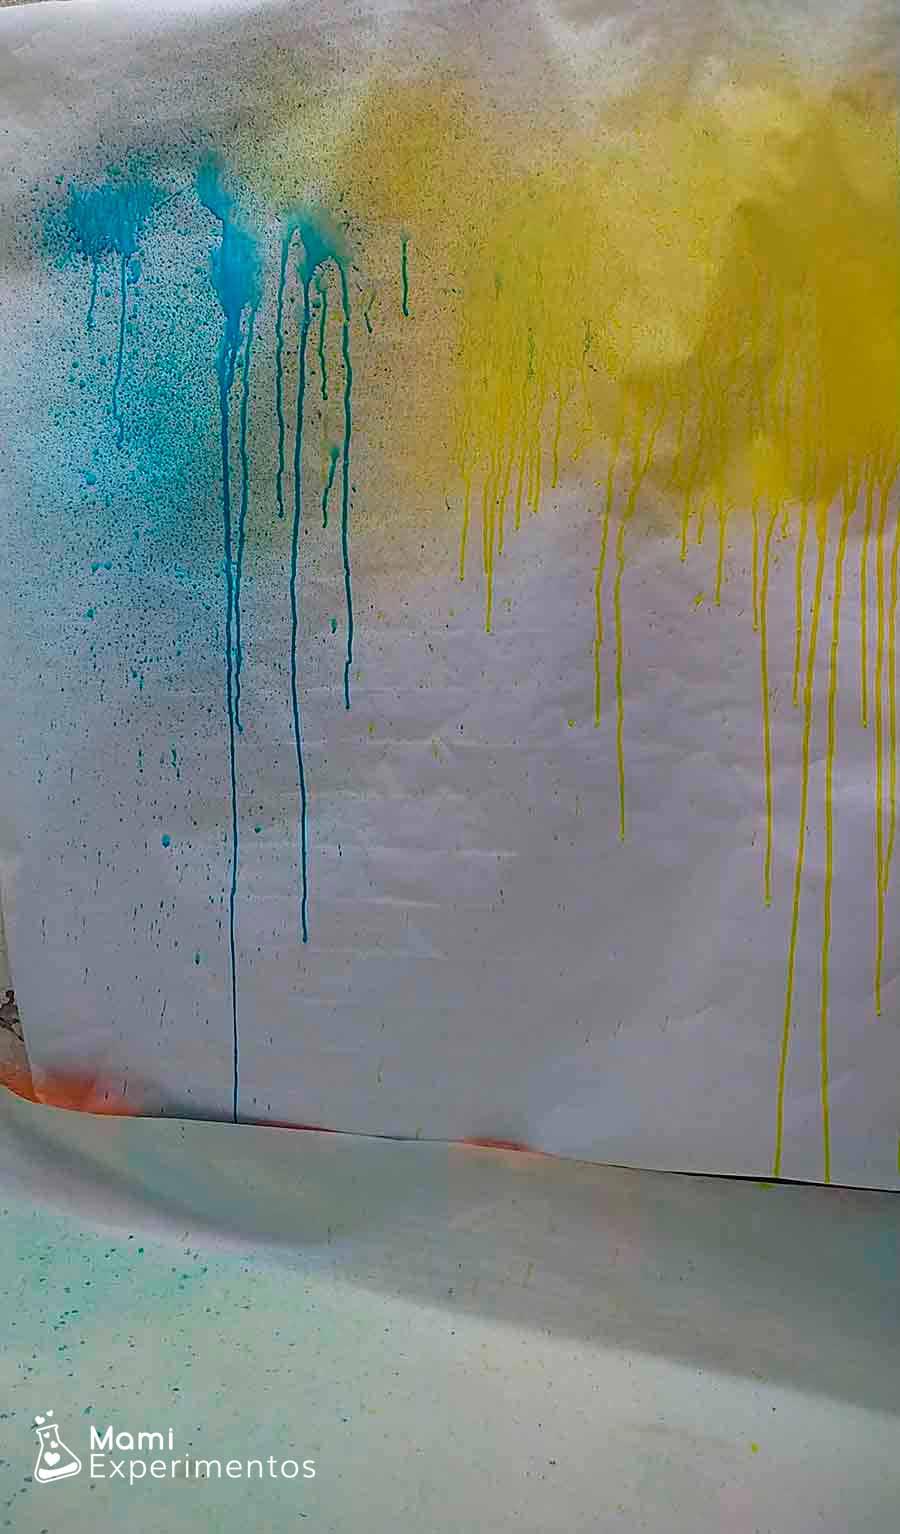 PIntar mural con pulverizadores